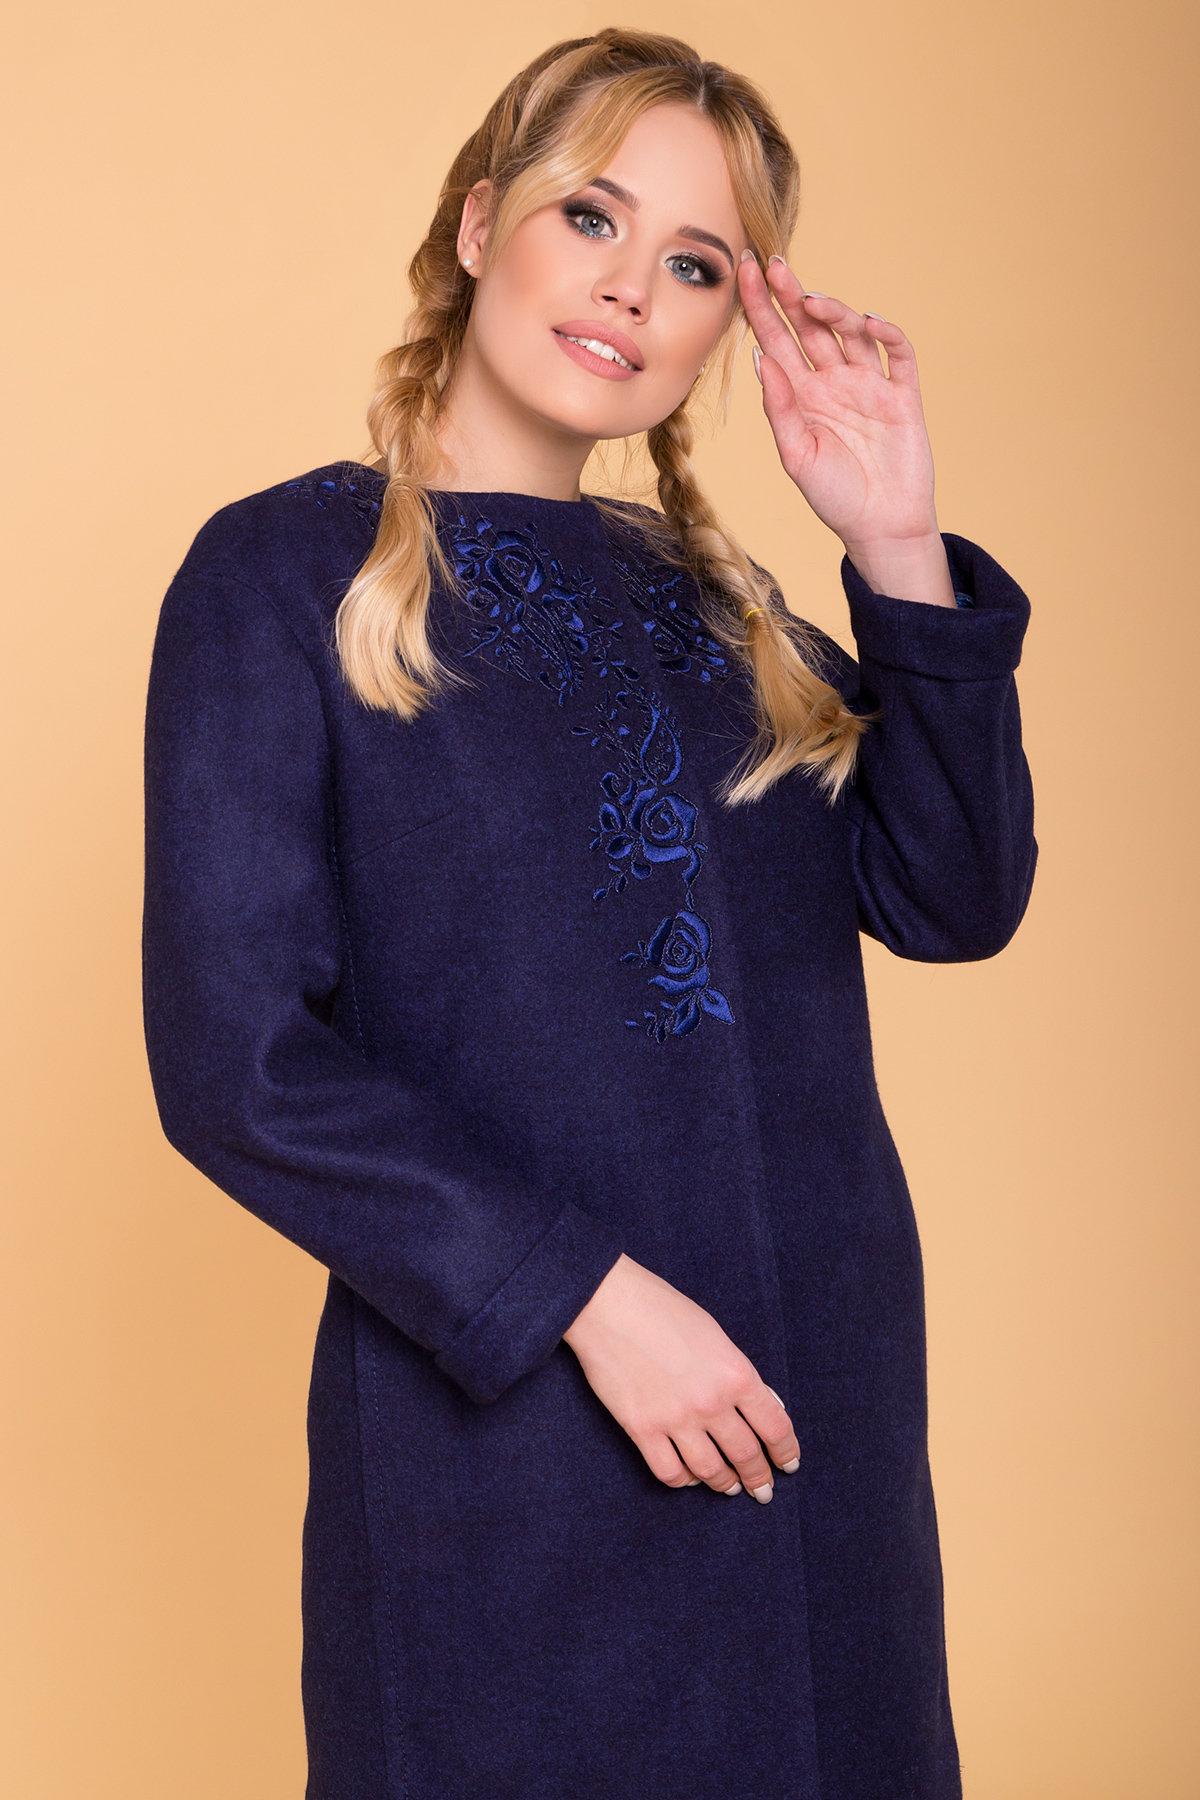 Пальто Авелони 4555 АРТ. 37022 Цвет: Темно-синий 17 - фото 4, интернет магазин tm-modus.ru